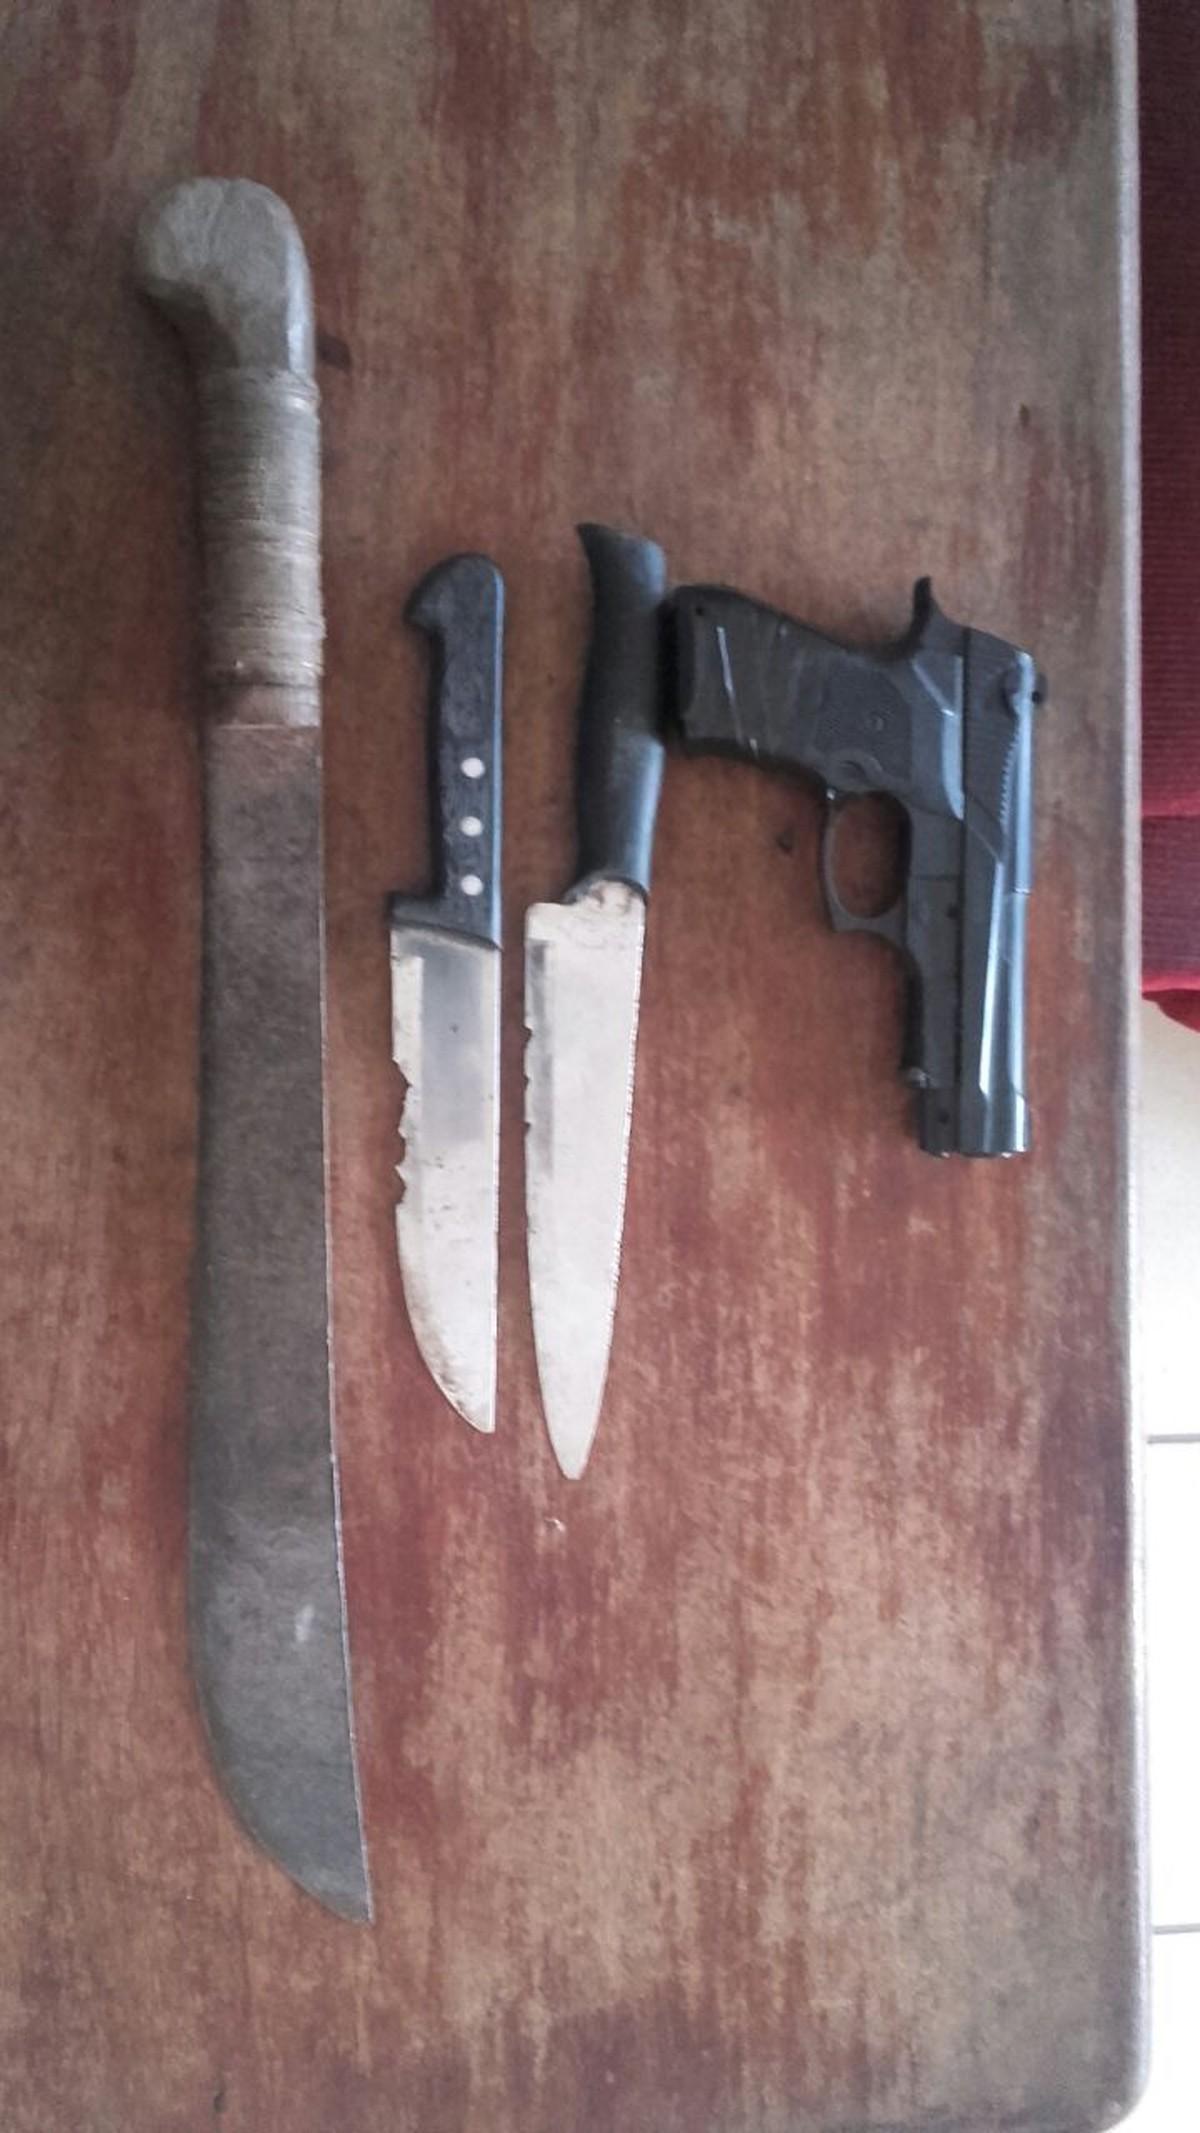 Garotos suspeitos de assaltos são pegos com facas e arma falsa em Caracaraí, RR